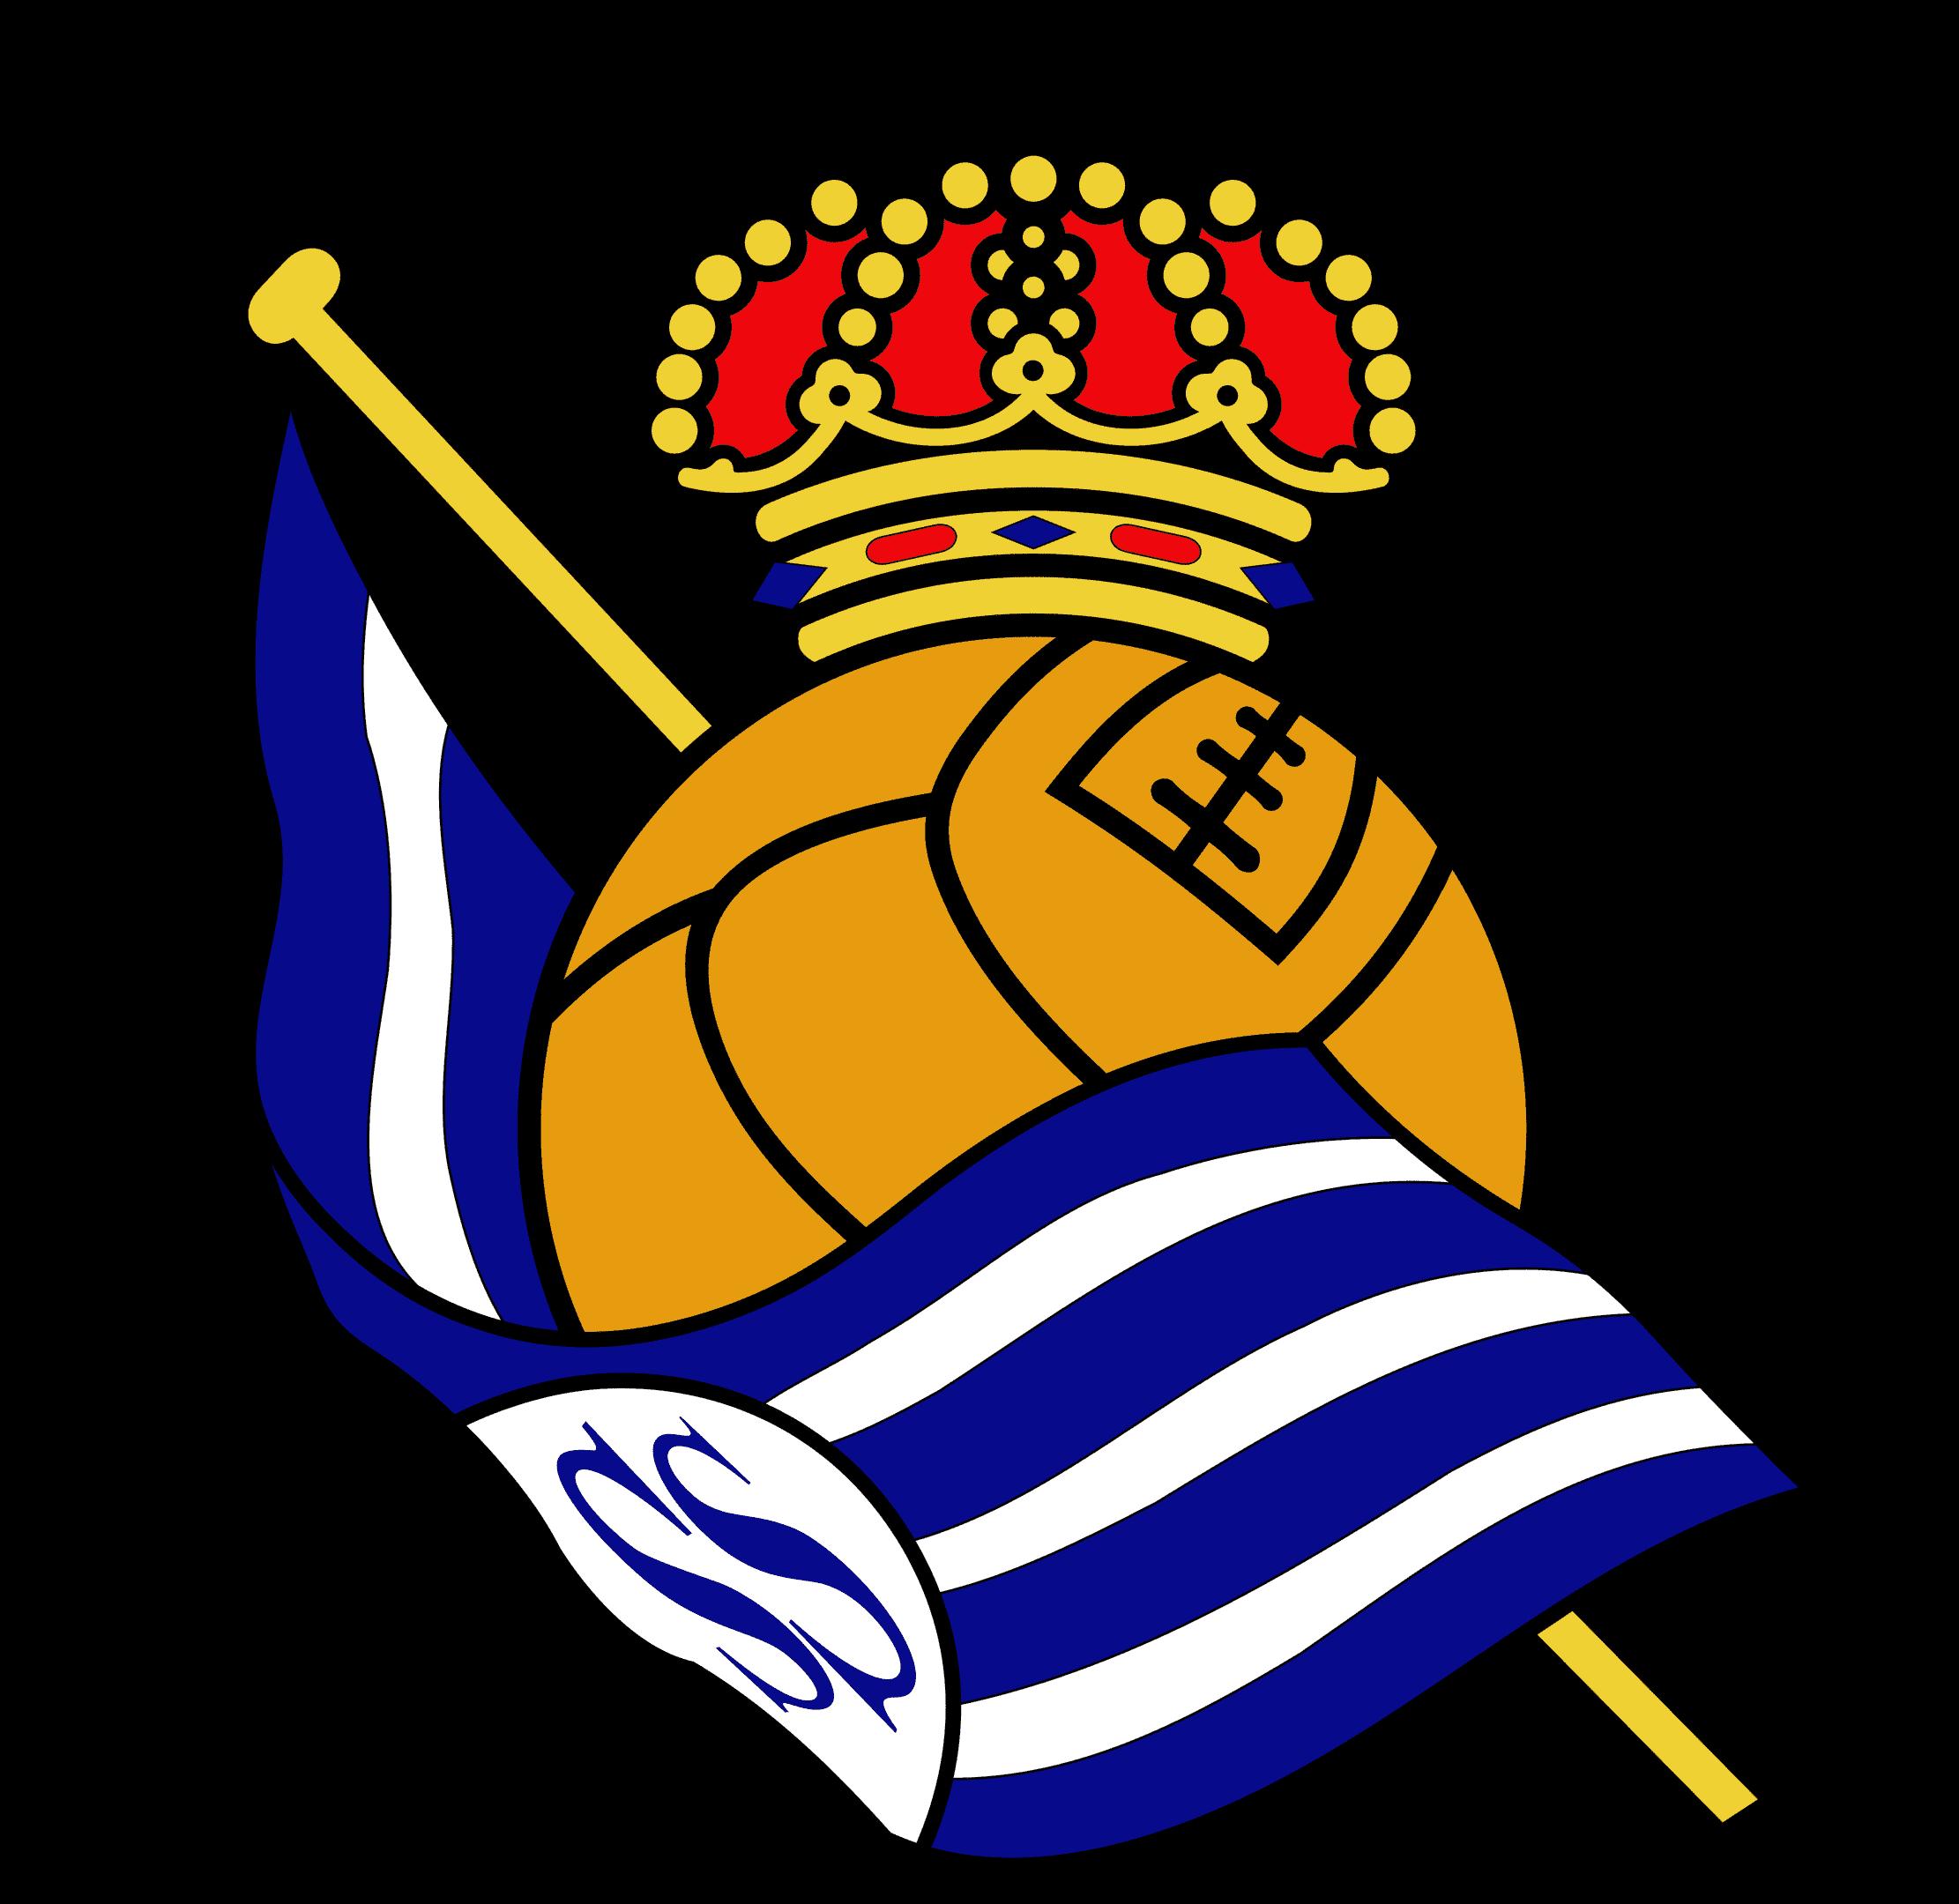 皇家社会B队